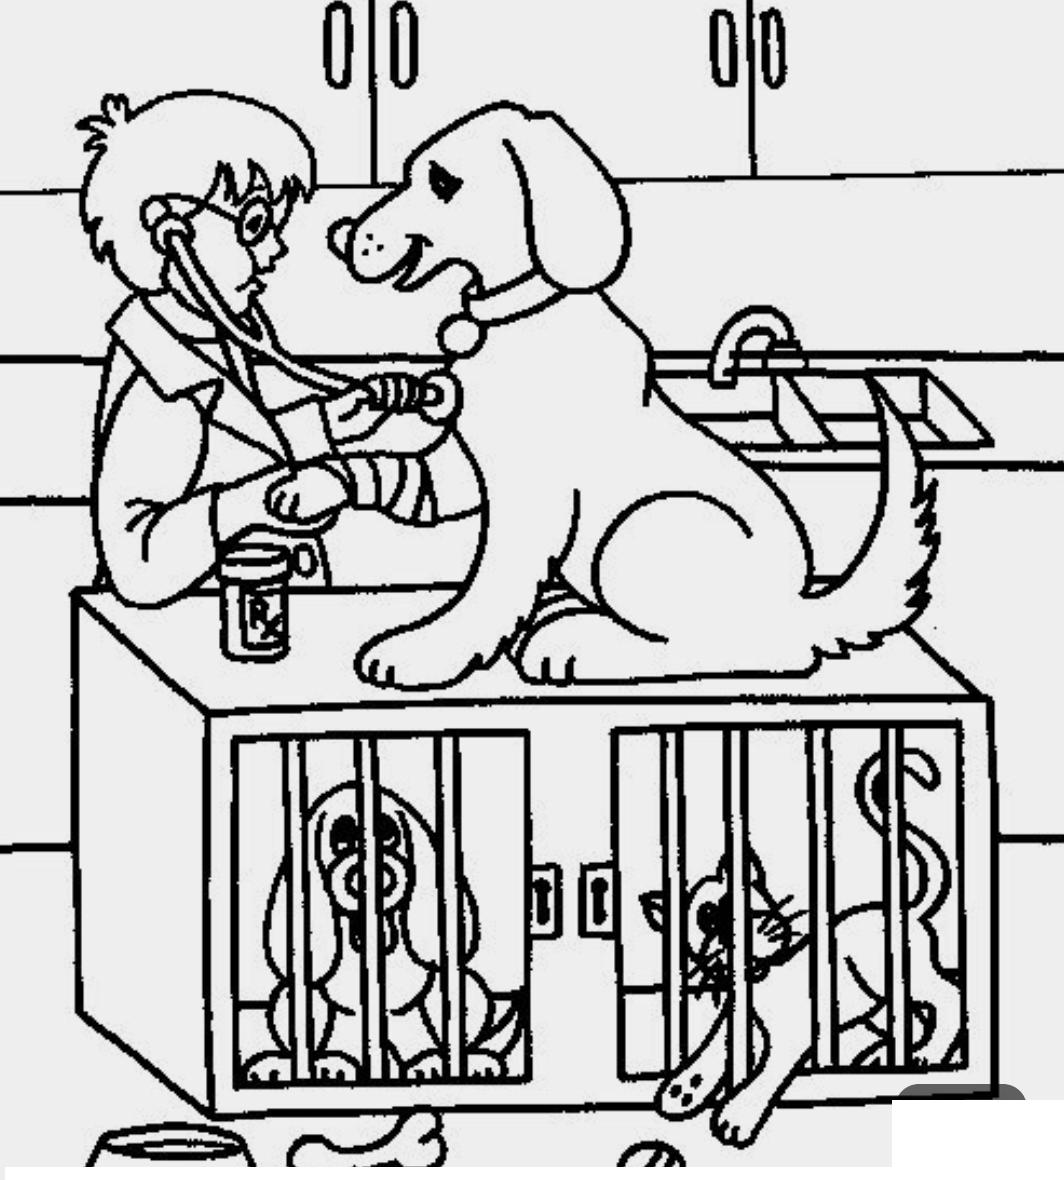 Ветеринар картинки для срисовки, открытки крещением